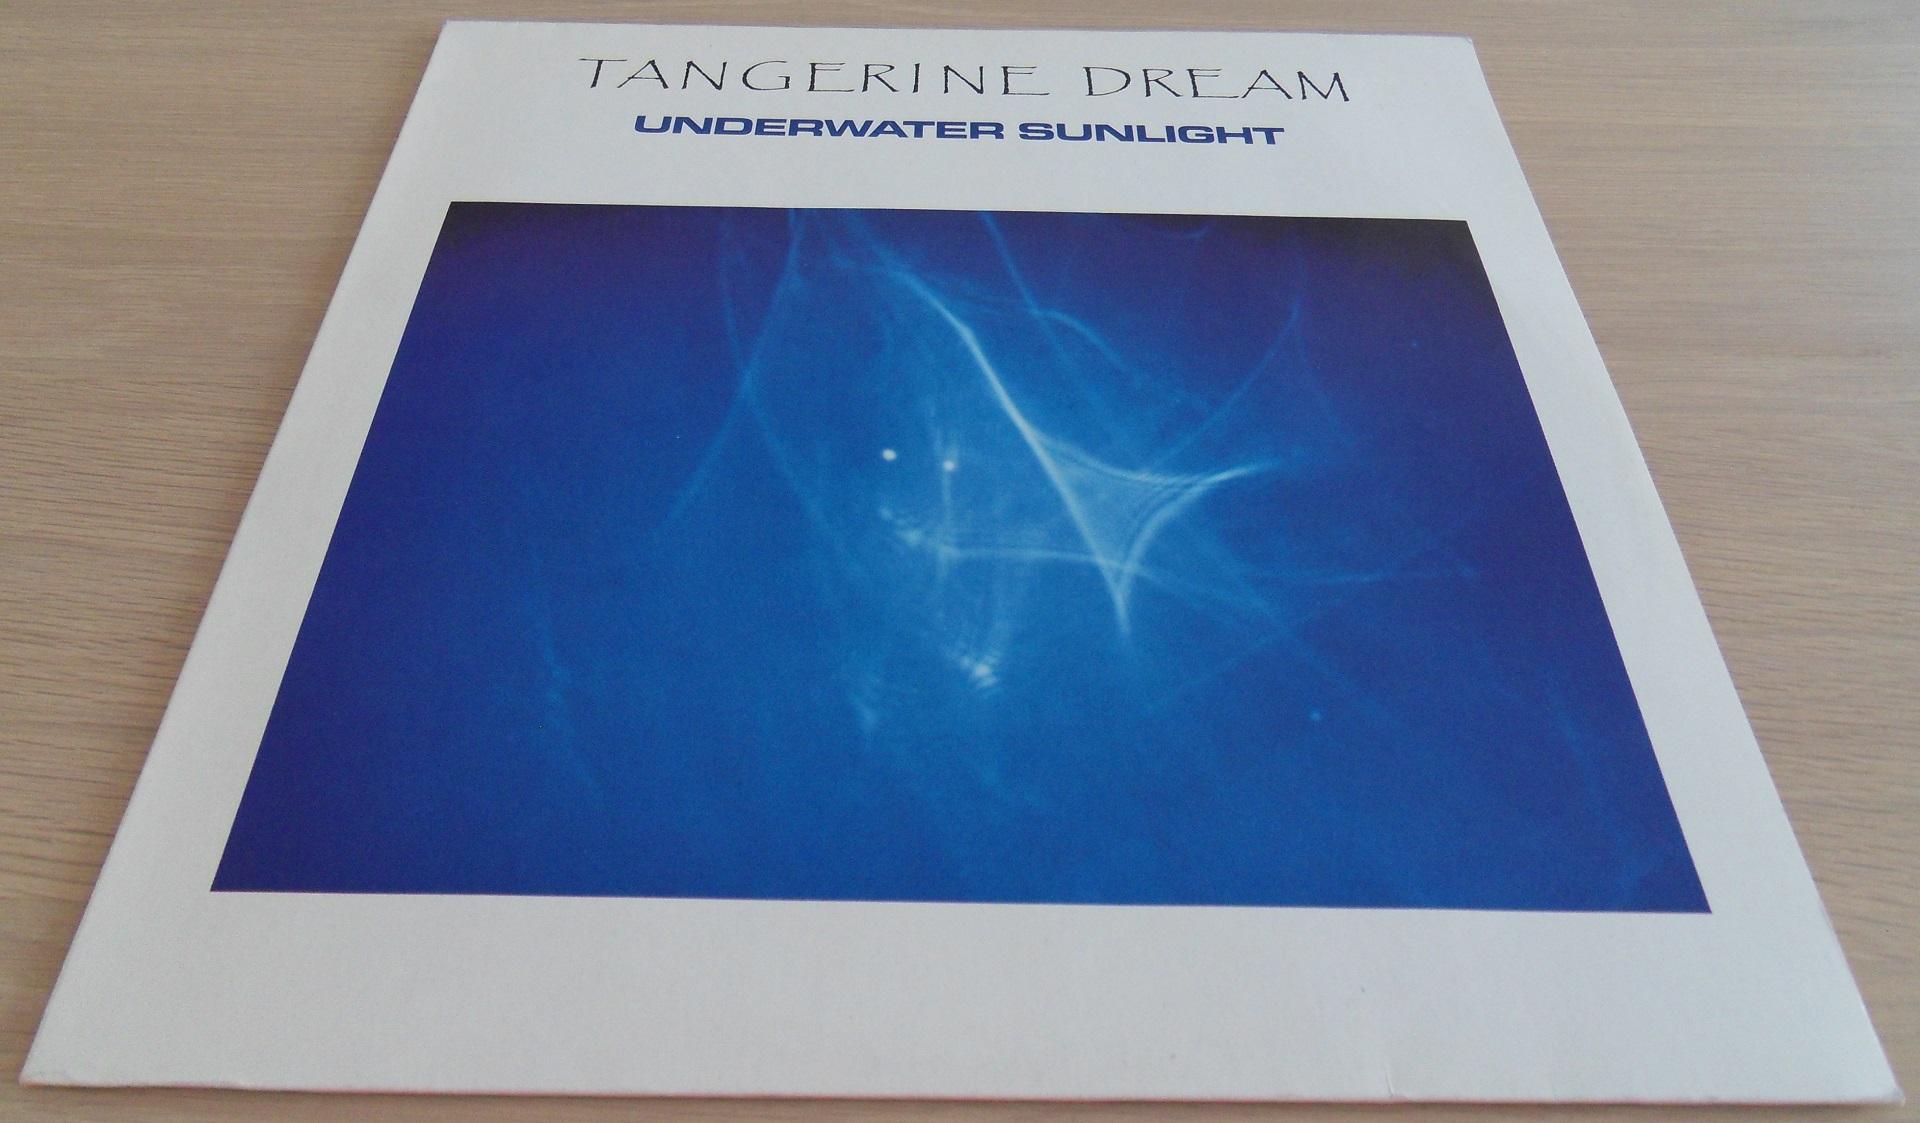 35  Beauty Underwater Sunlight Tangerine for Underwater Sunlight Tangerine Dream  111ane